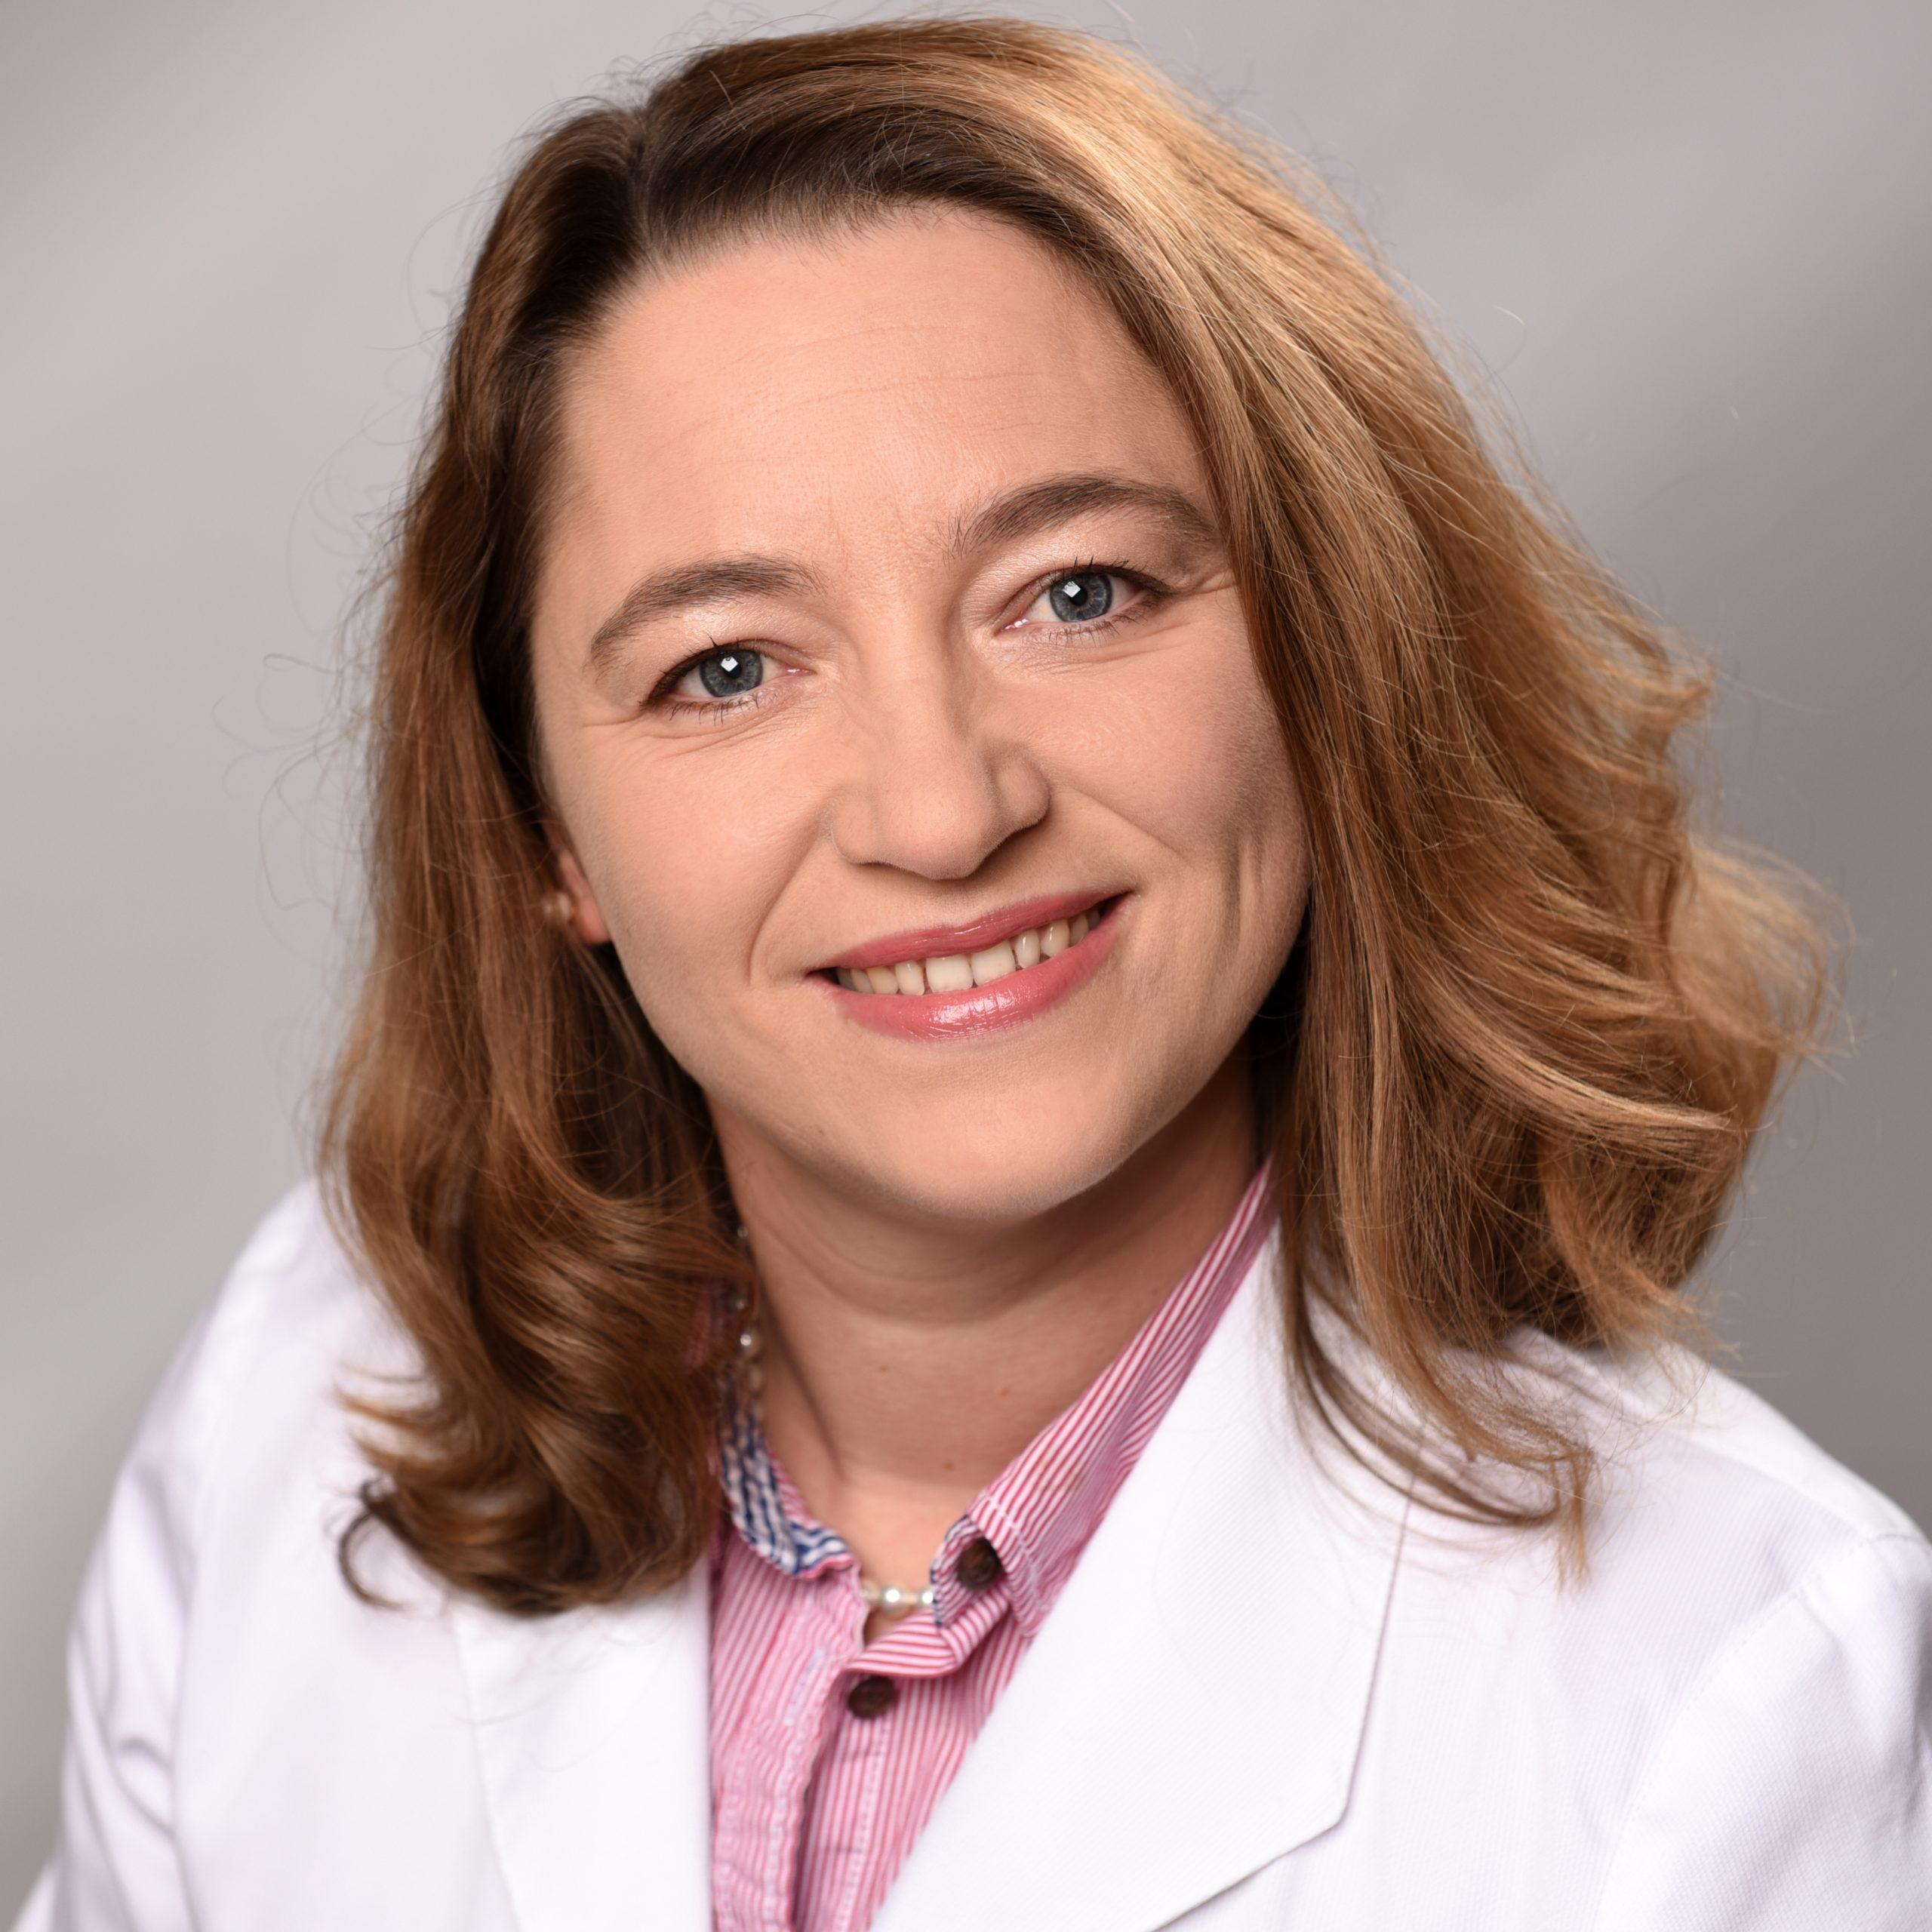 Dr. Doreen Heymann